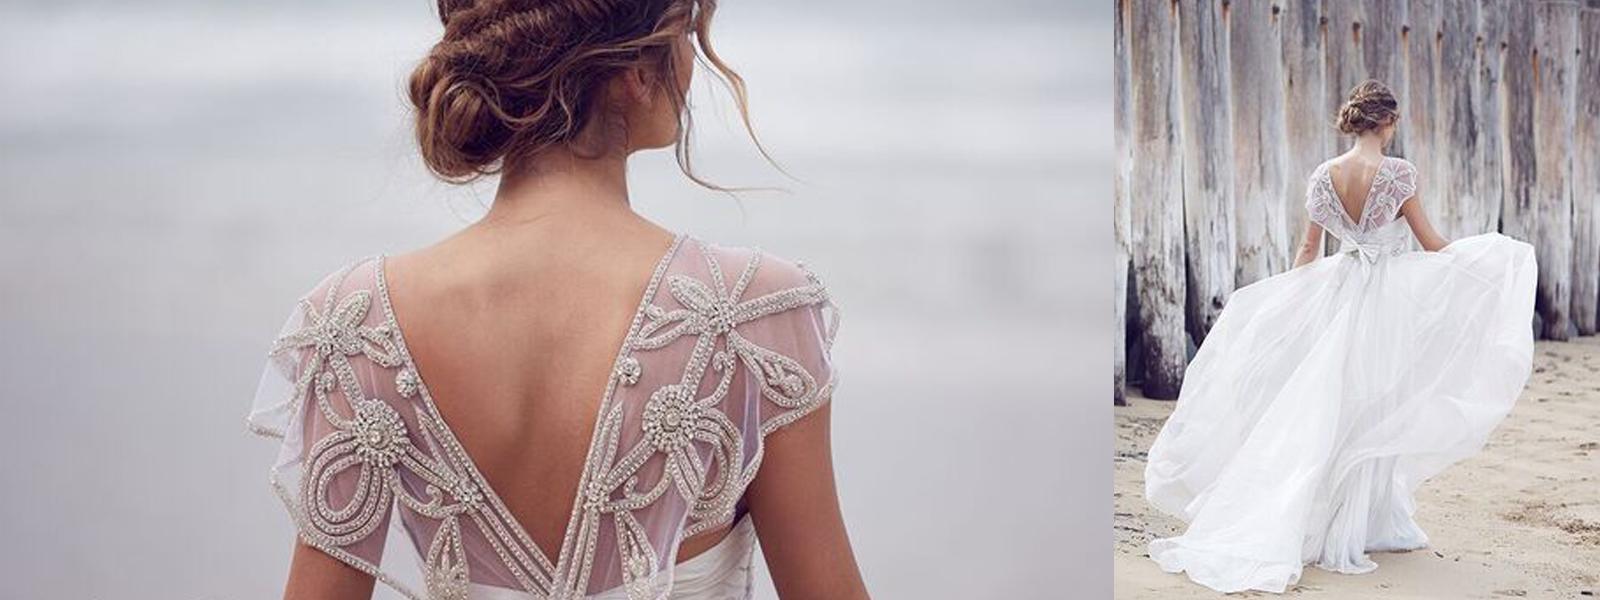 Affordable bridal sets bu gecelikler ba luxury pics of for Anna campbell wedding dress for sale